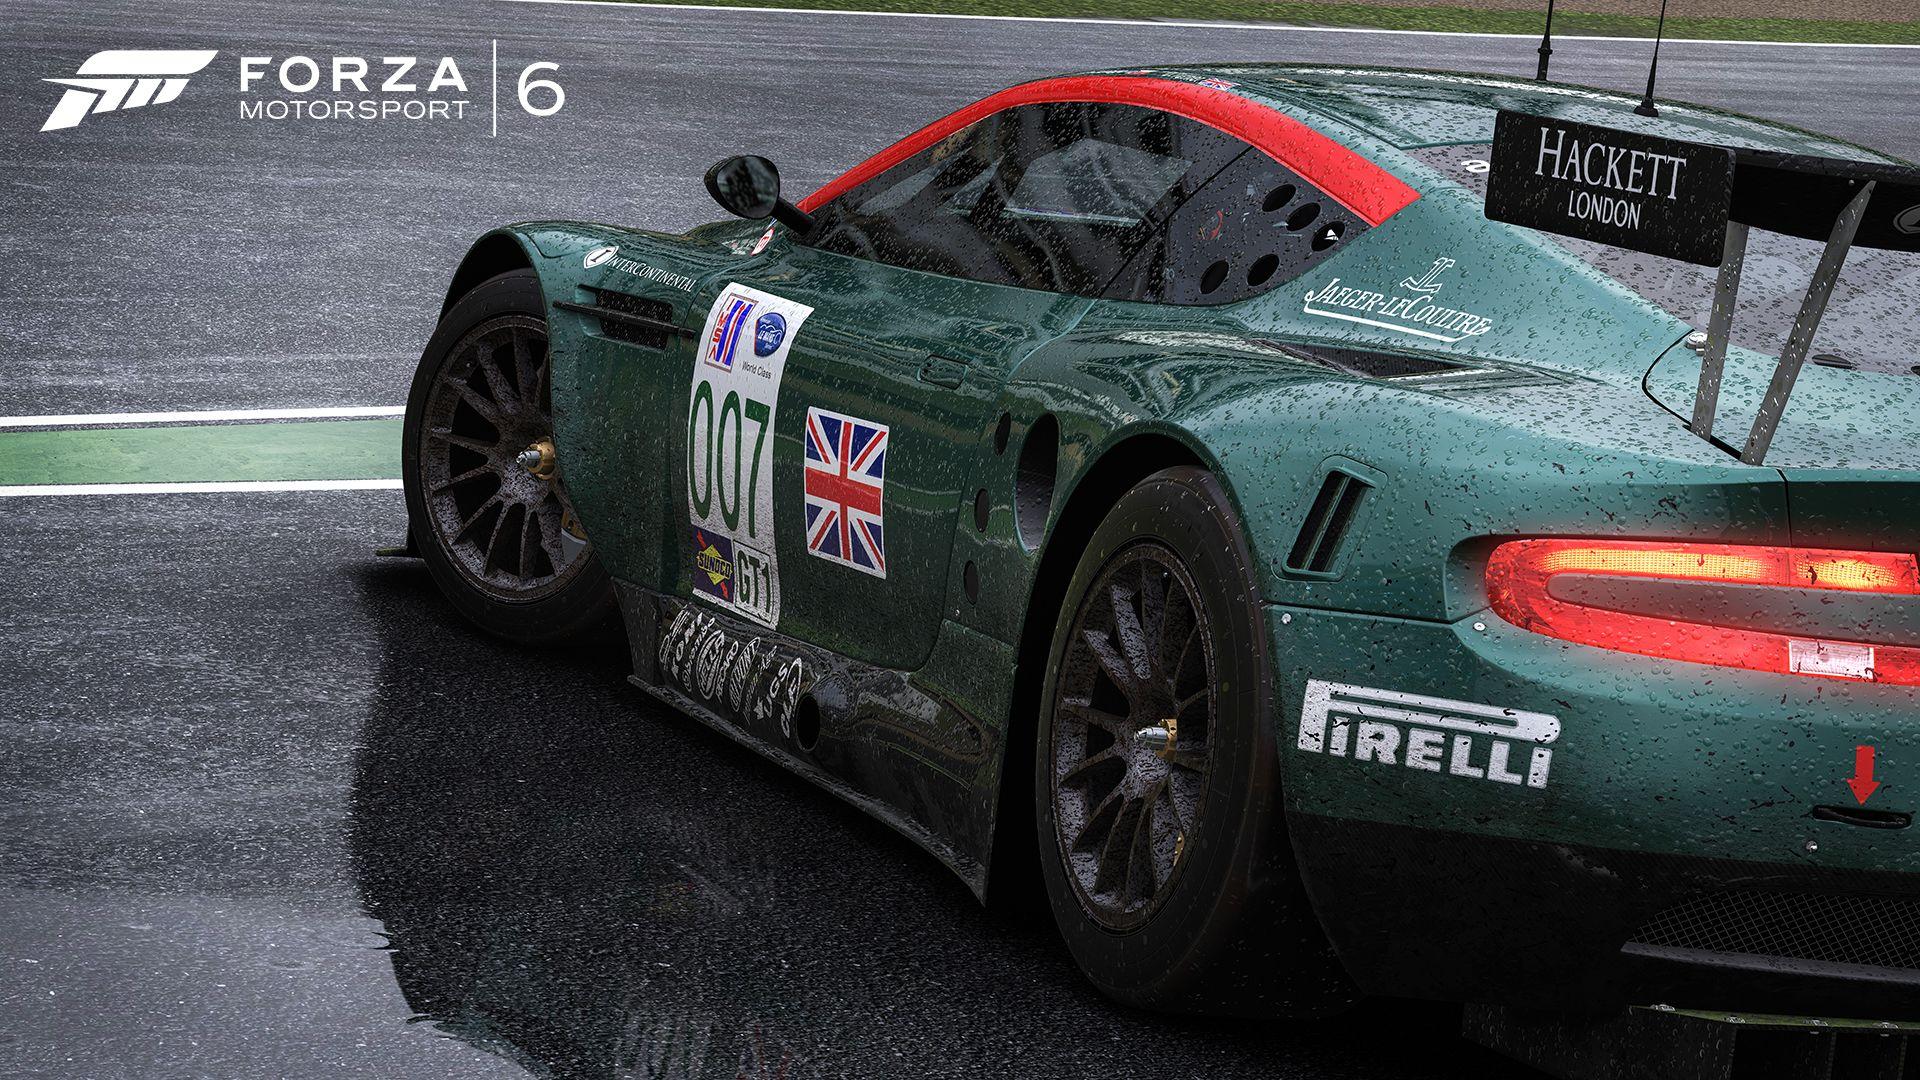 Detaily o tratích a autech ve Forza Motorsport 6 110364